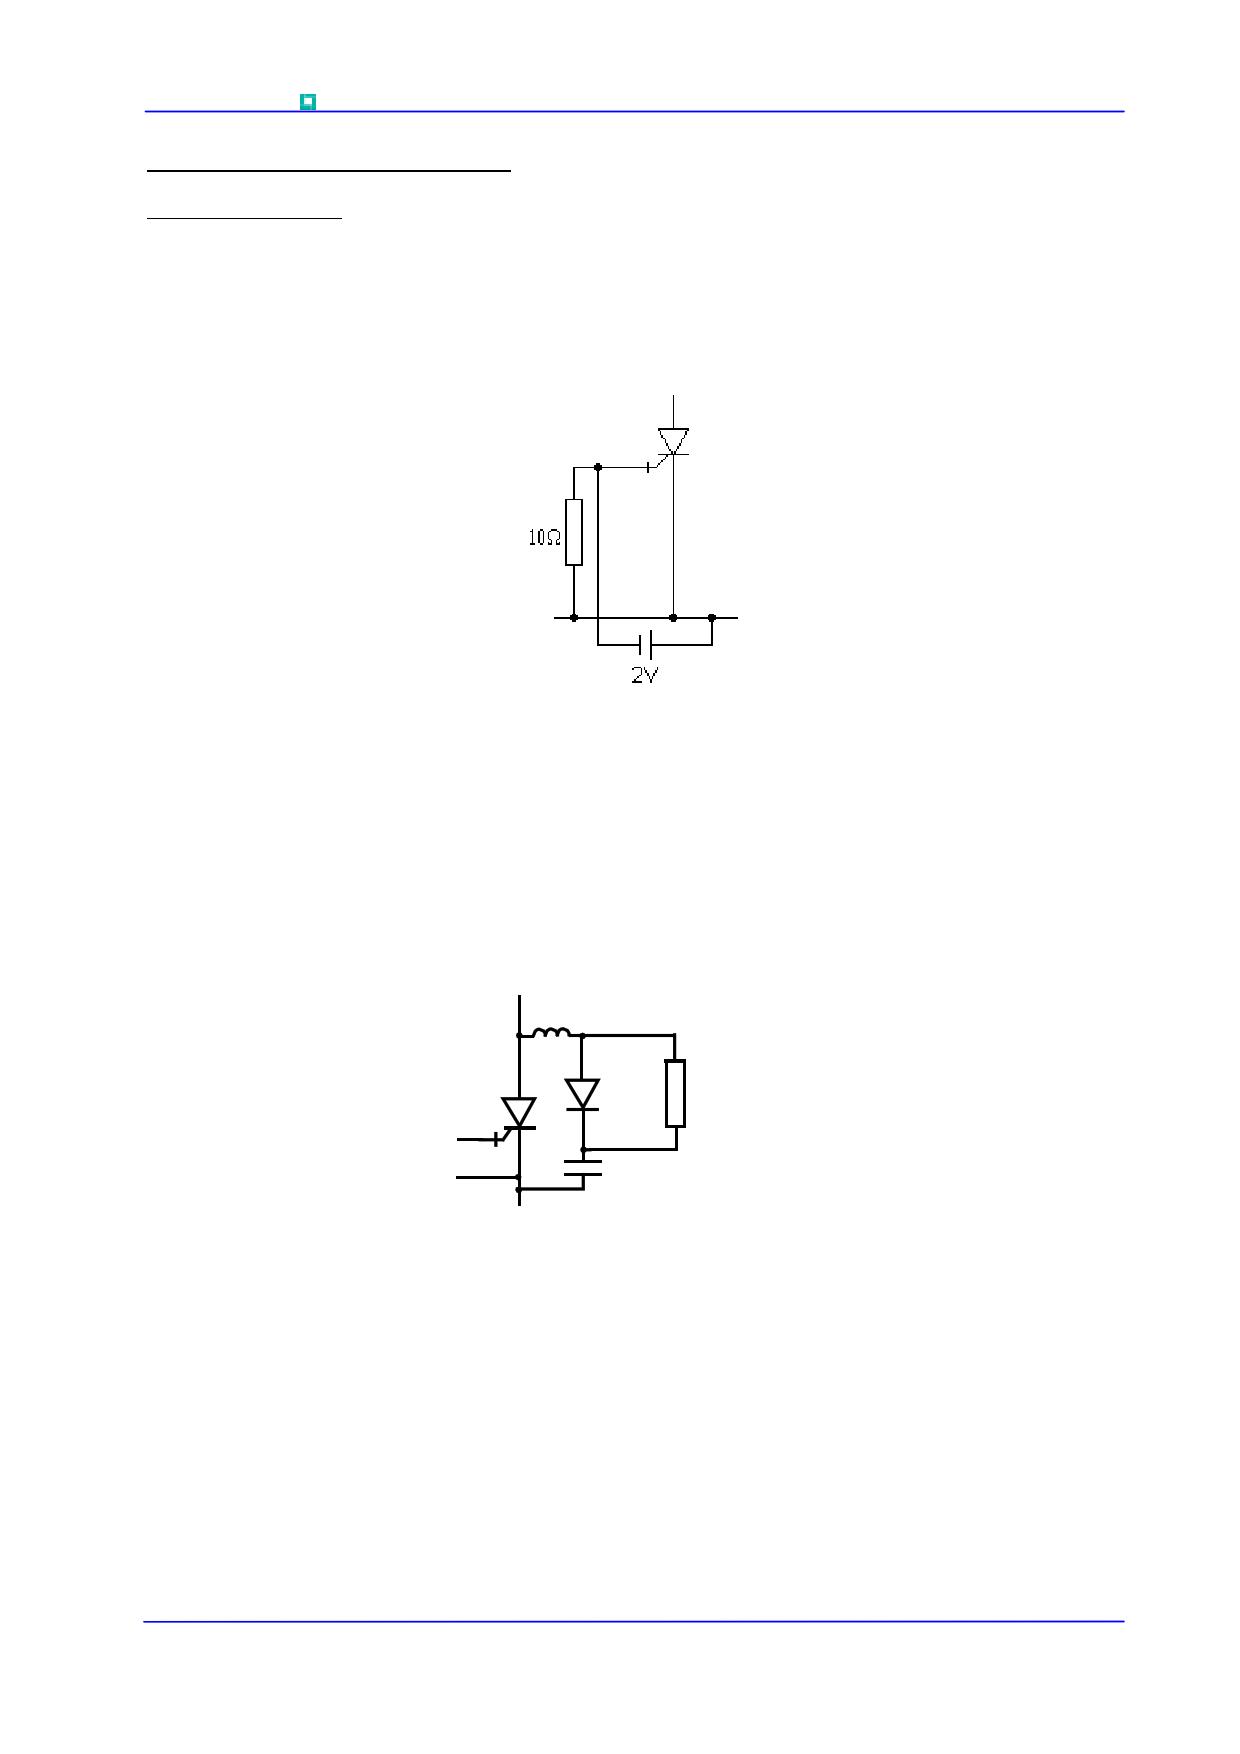 G1000LL250 pdf, 電子部品, 半導体, ピン配列